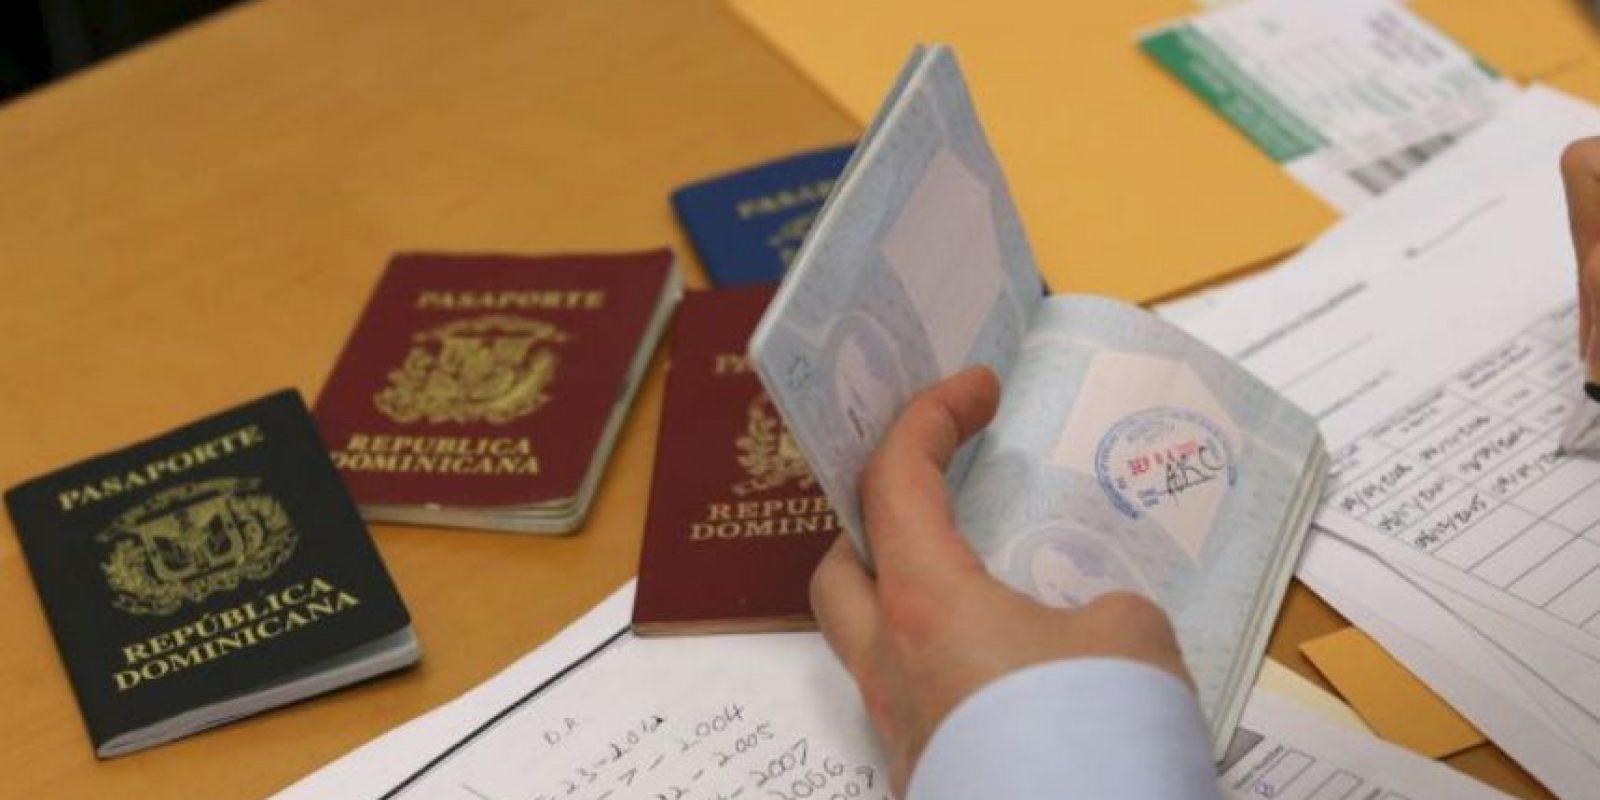 El mayor momento de inmigración ilegal fue entre 1989 y 1991. Foto:vía Getty Images